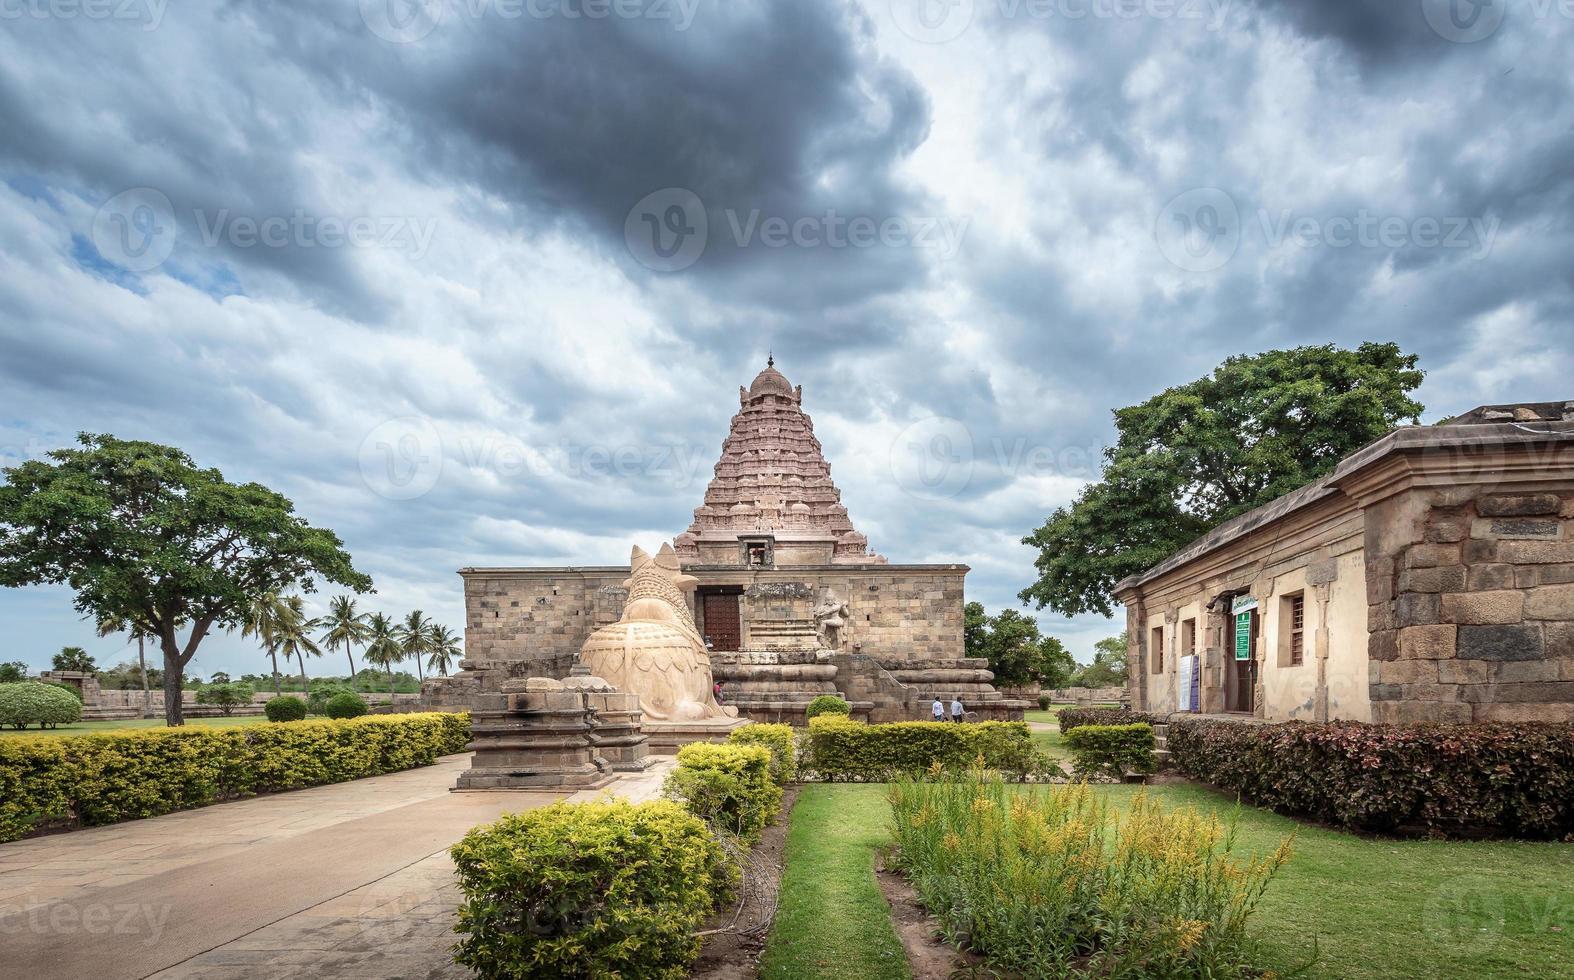 antika hinduiska tempel i södra Indien foto